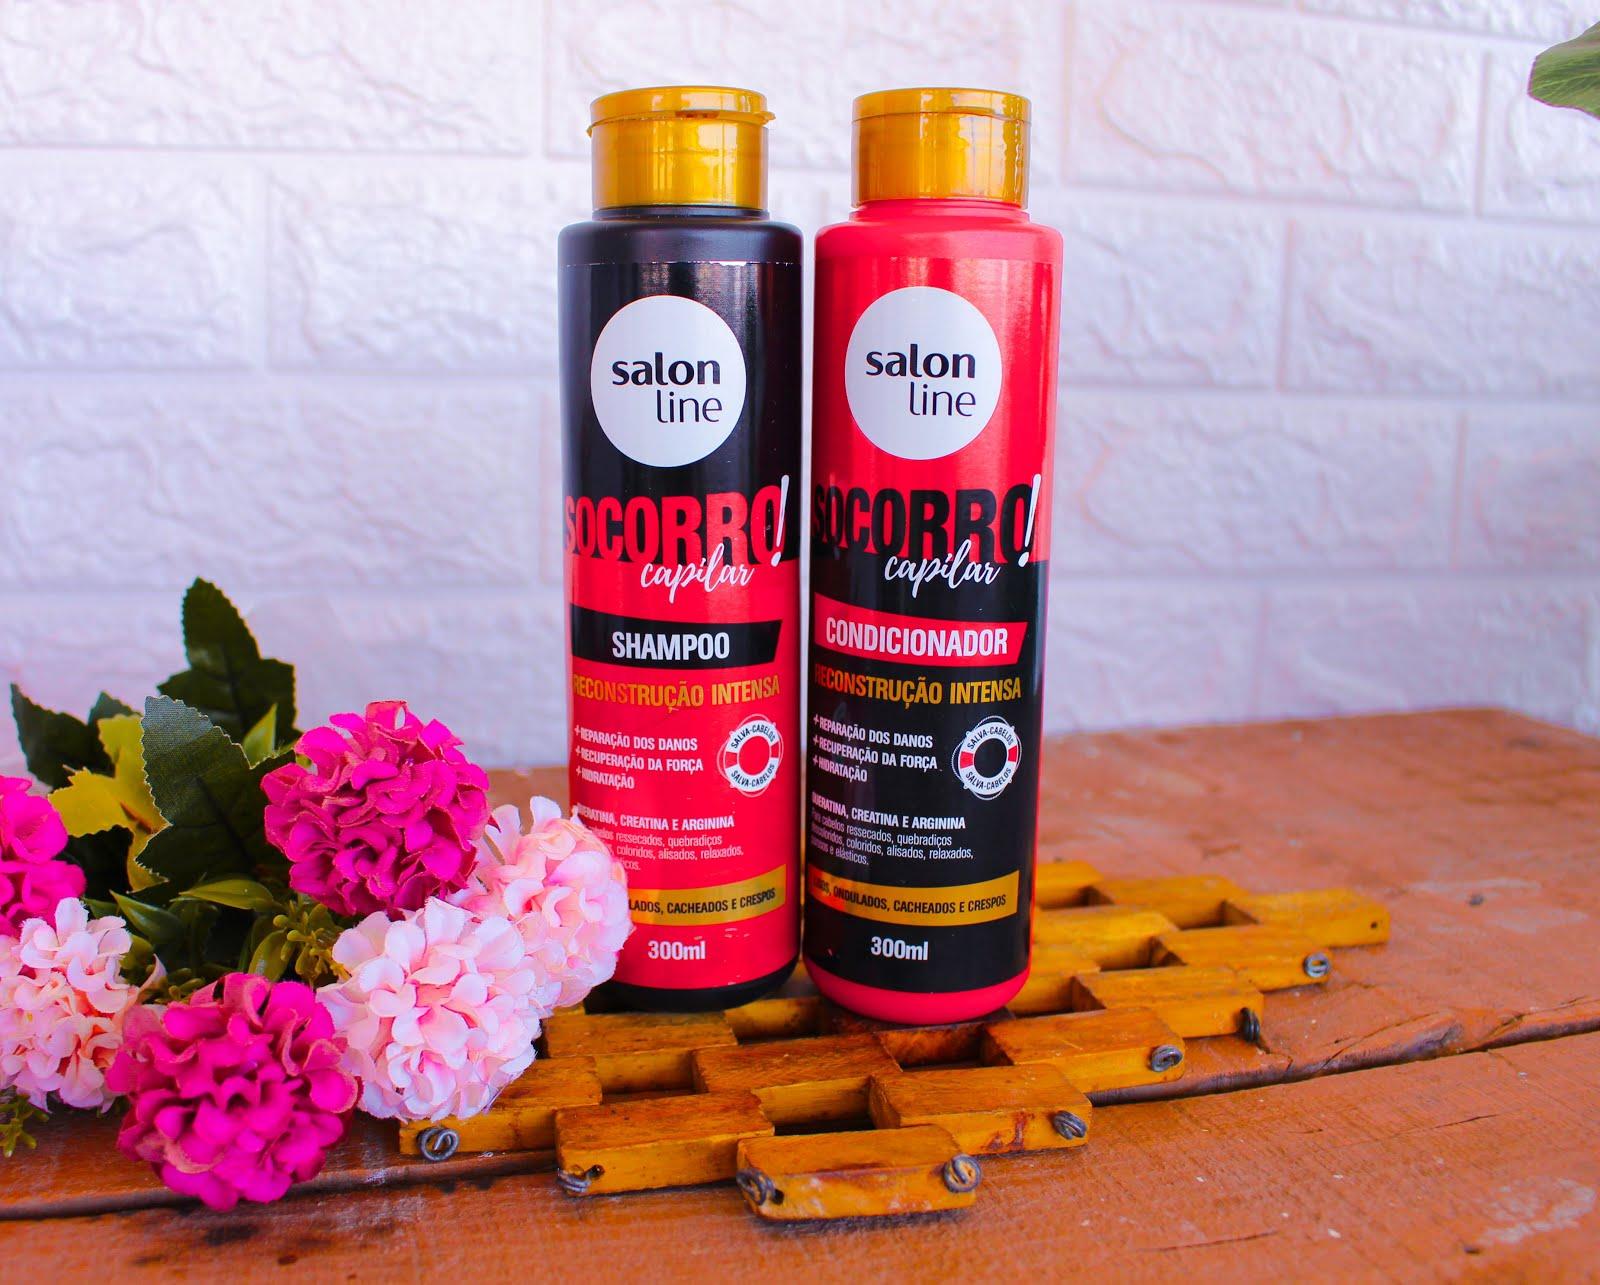 Resenha: Shampoo e Condicionador Socorro Capilar da Salon Line